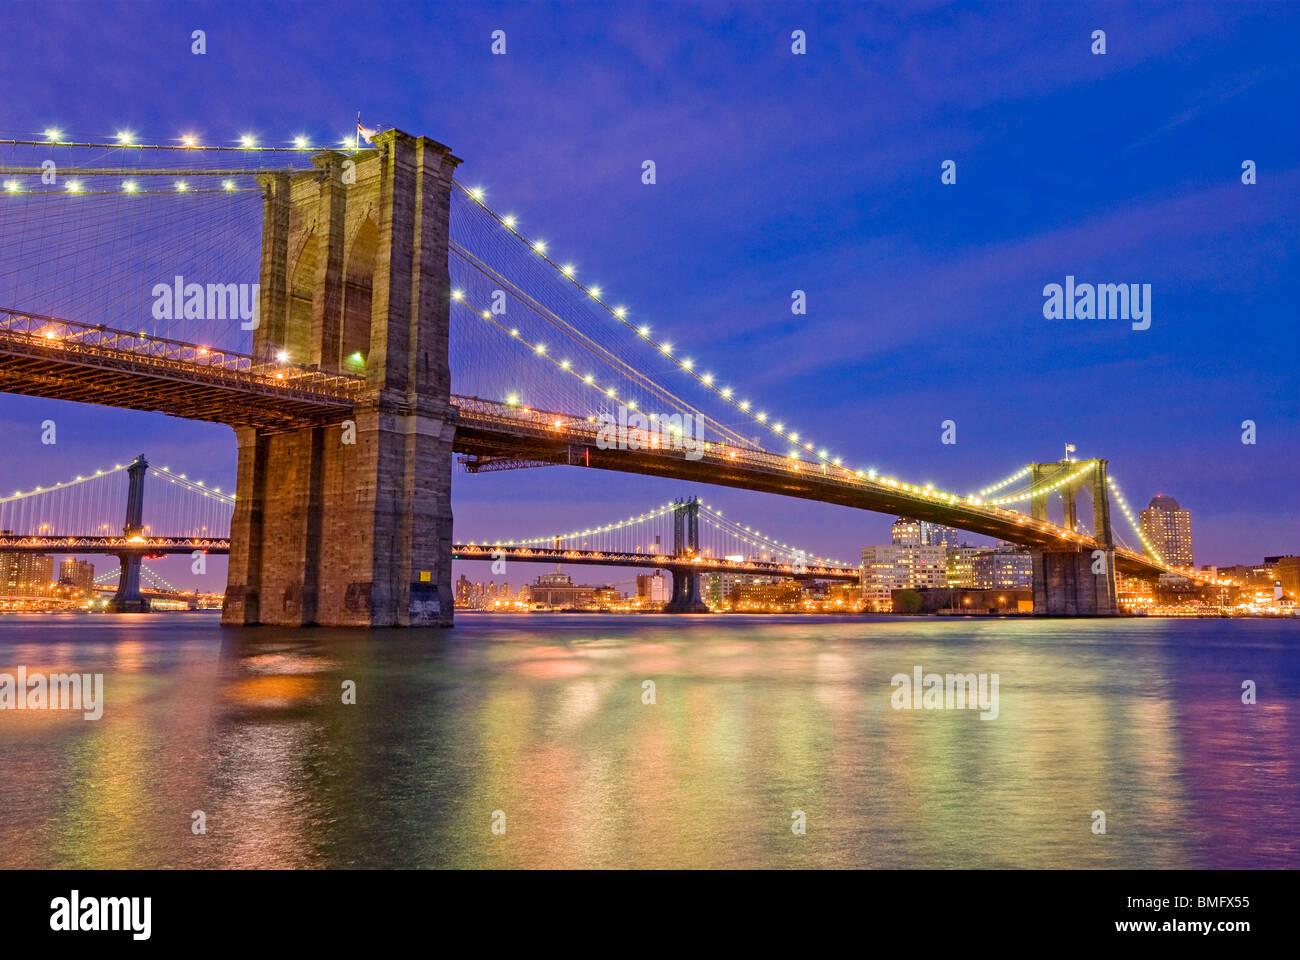 New York City, die Brooklyn Bridge über den East River mit der Manhattan Bridge im Hintergrund. Stockbild